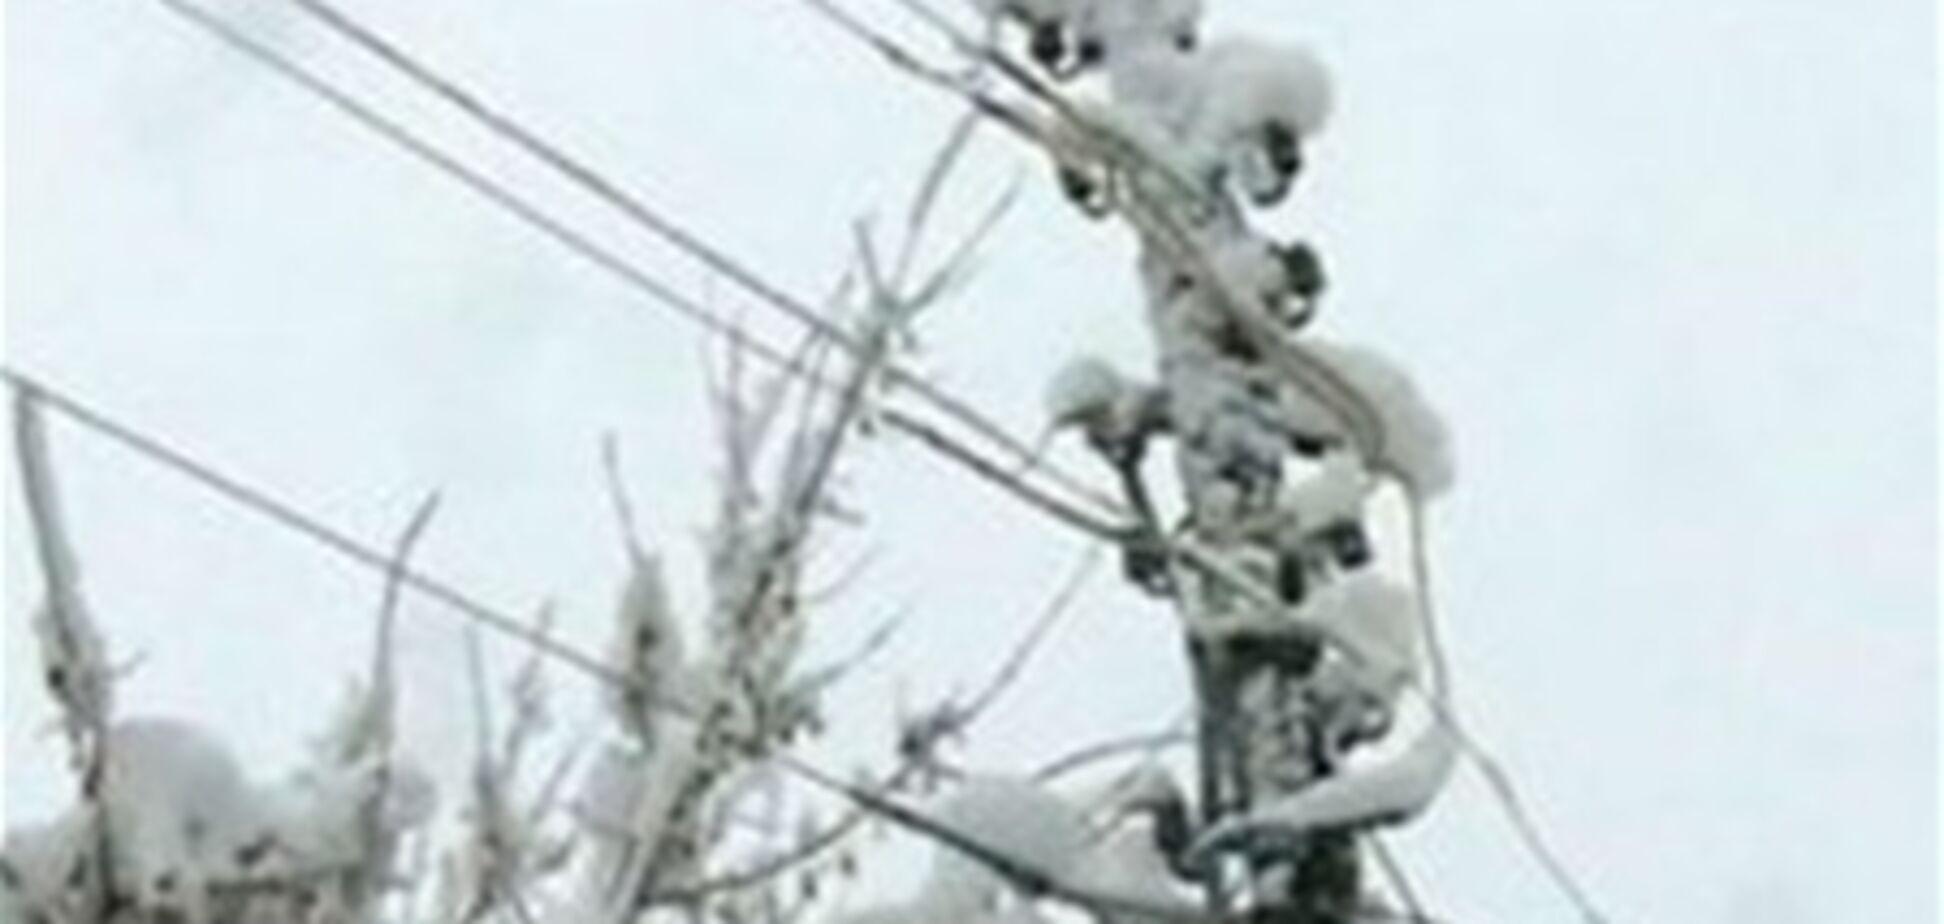 Непогода обесточила более 20 населенных пунктов в Запорожской области